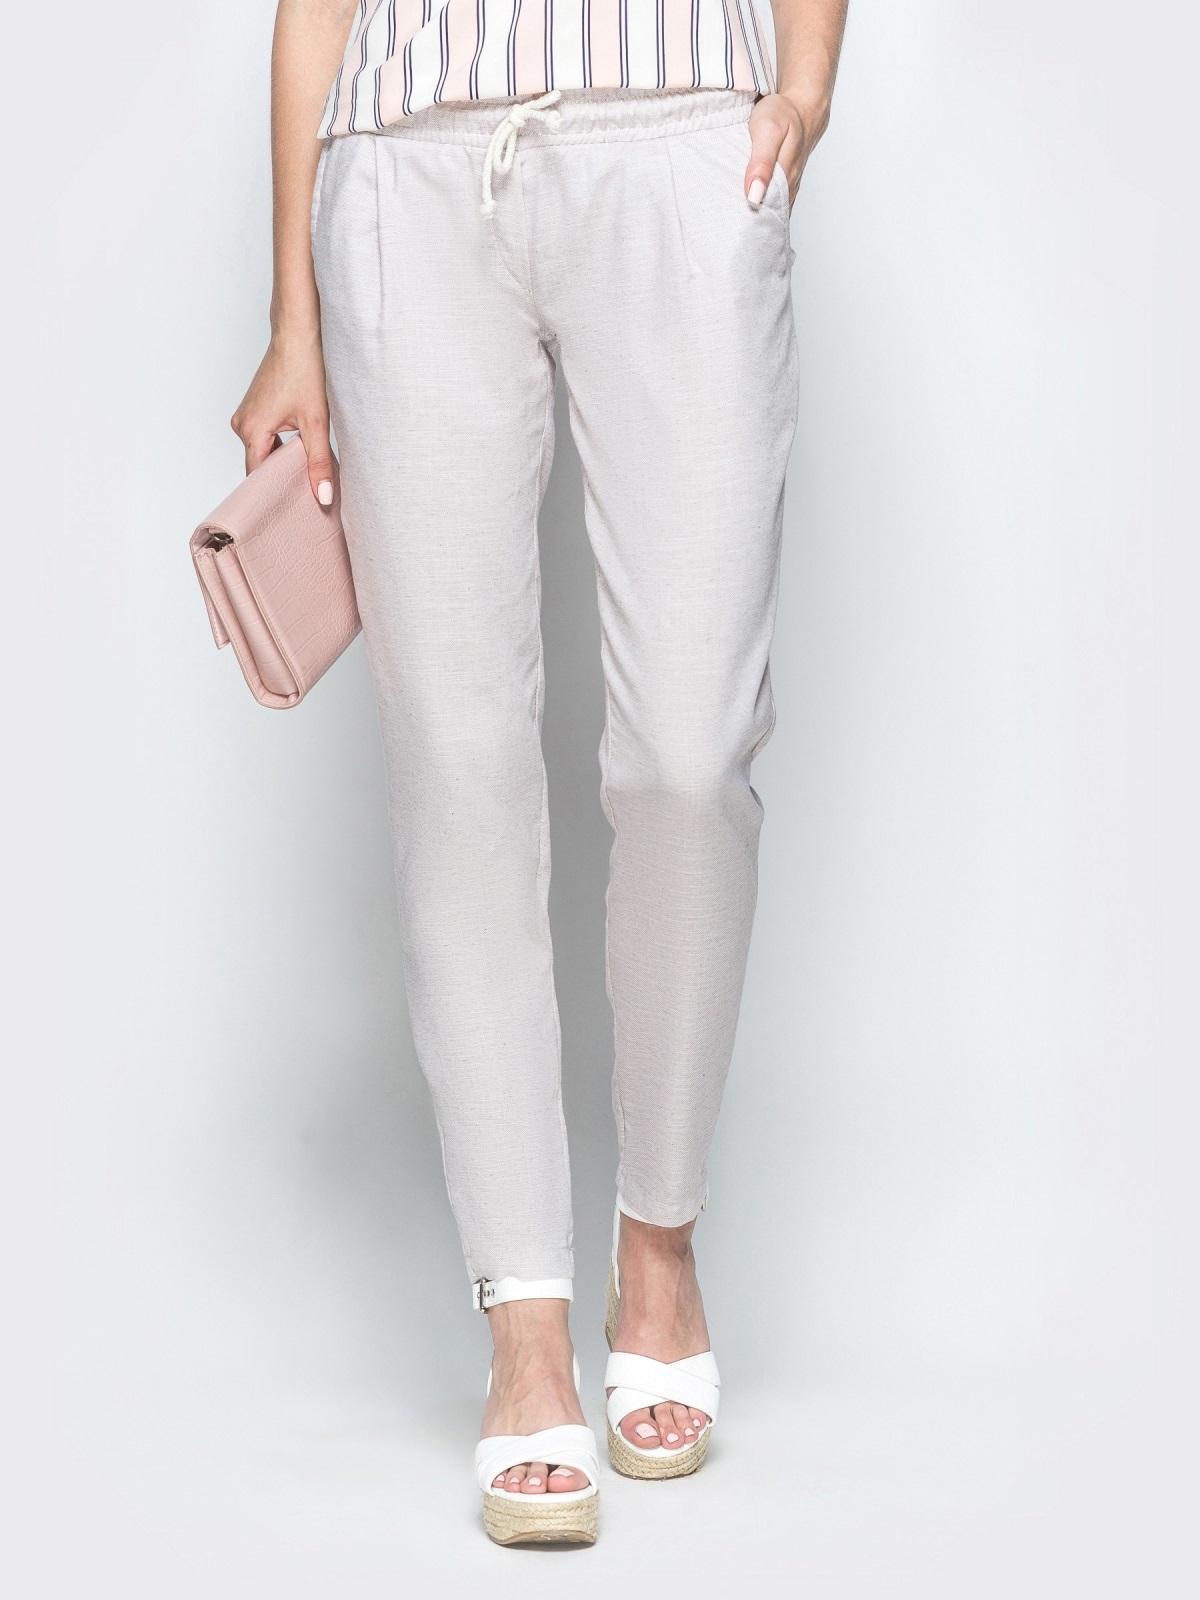 Бежевые брюки из льна с резинкой по талии 39403, фото 1